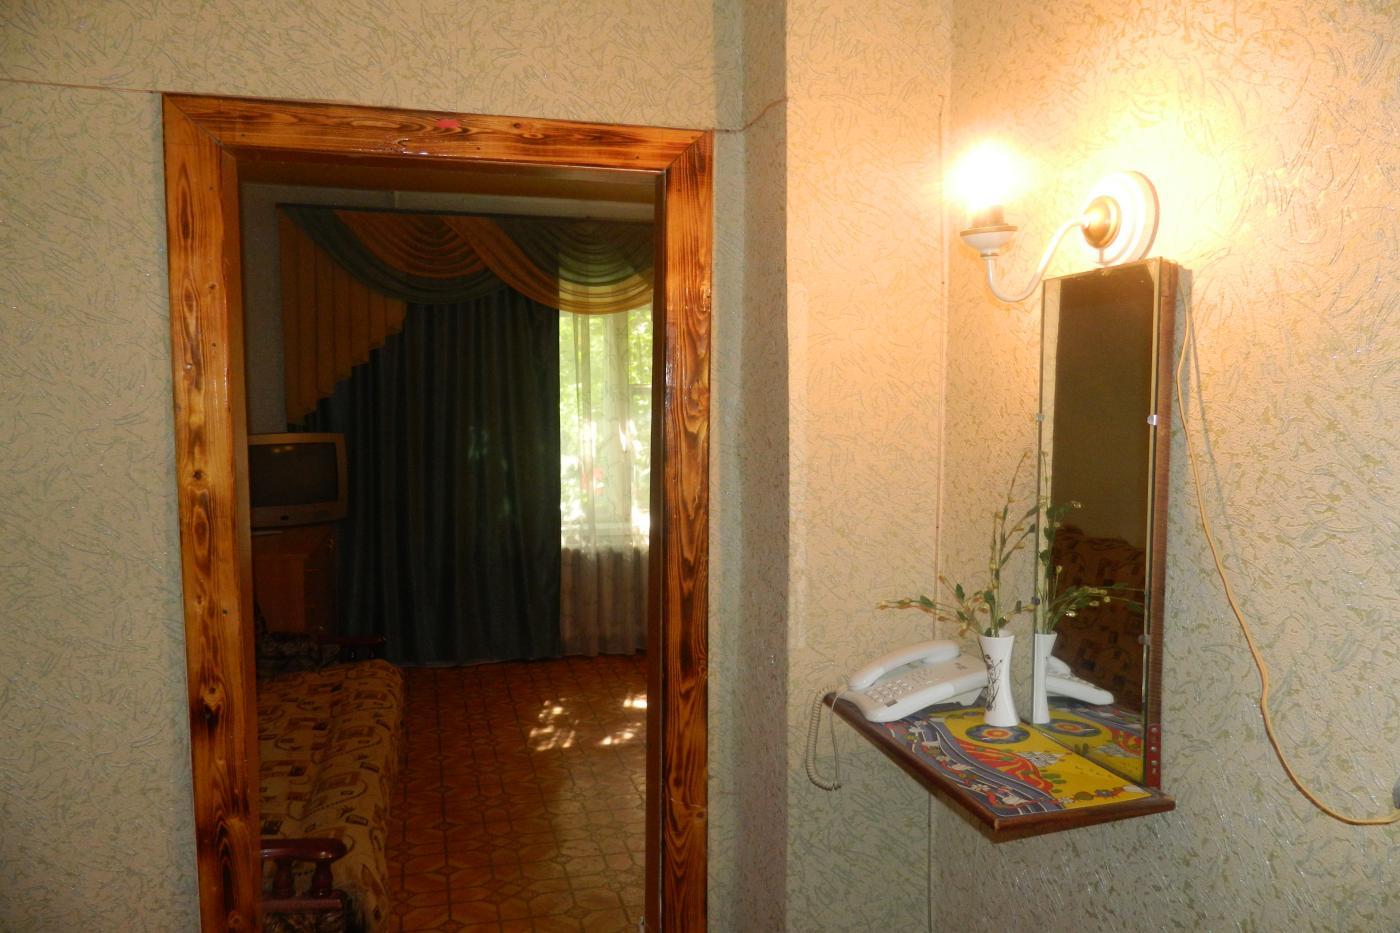 1-комнатная квартира посуточно (вариант № 1924), ул. Средне-Московская улица, фото № 6